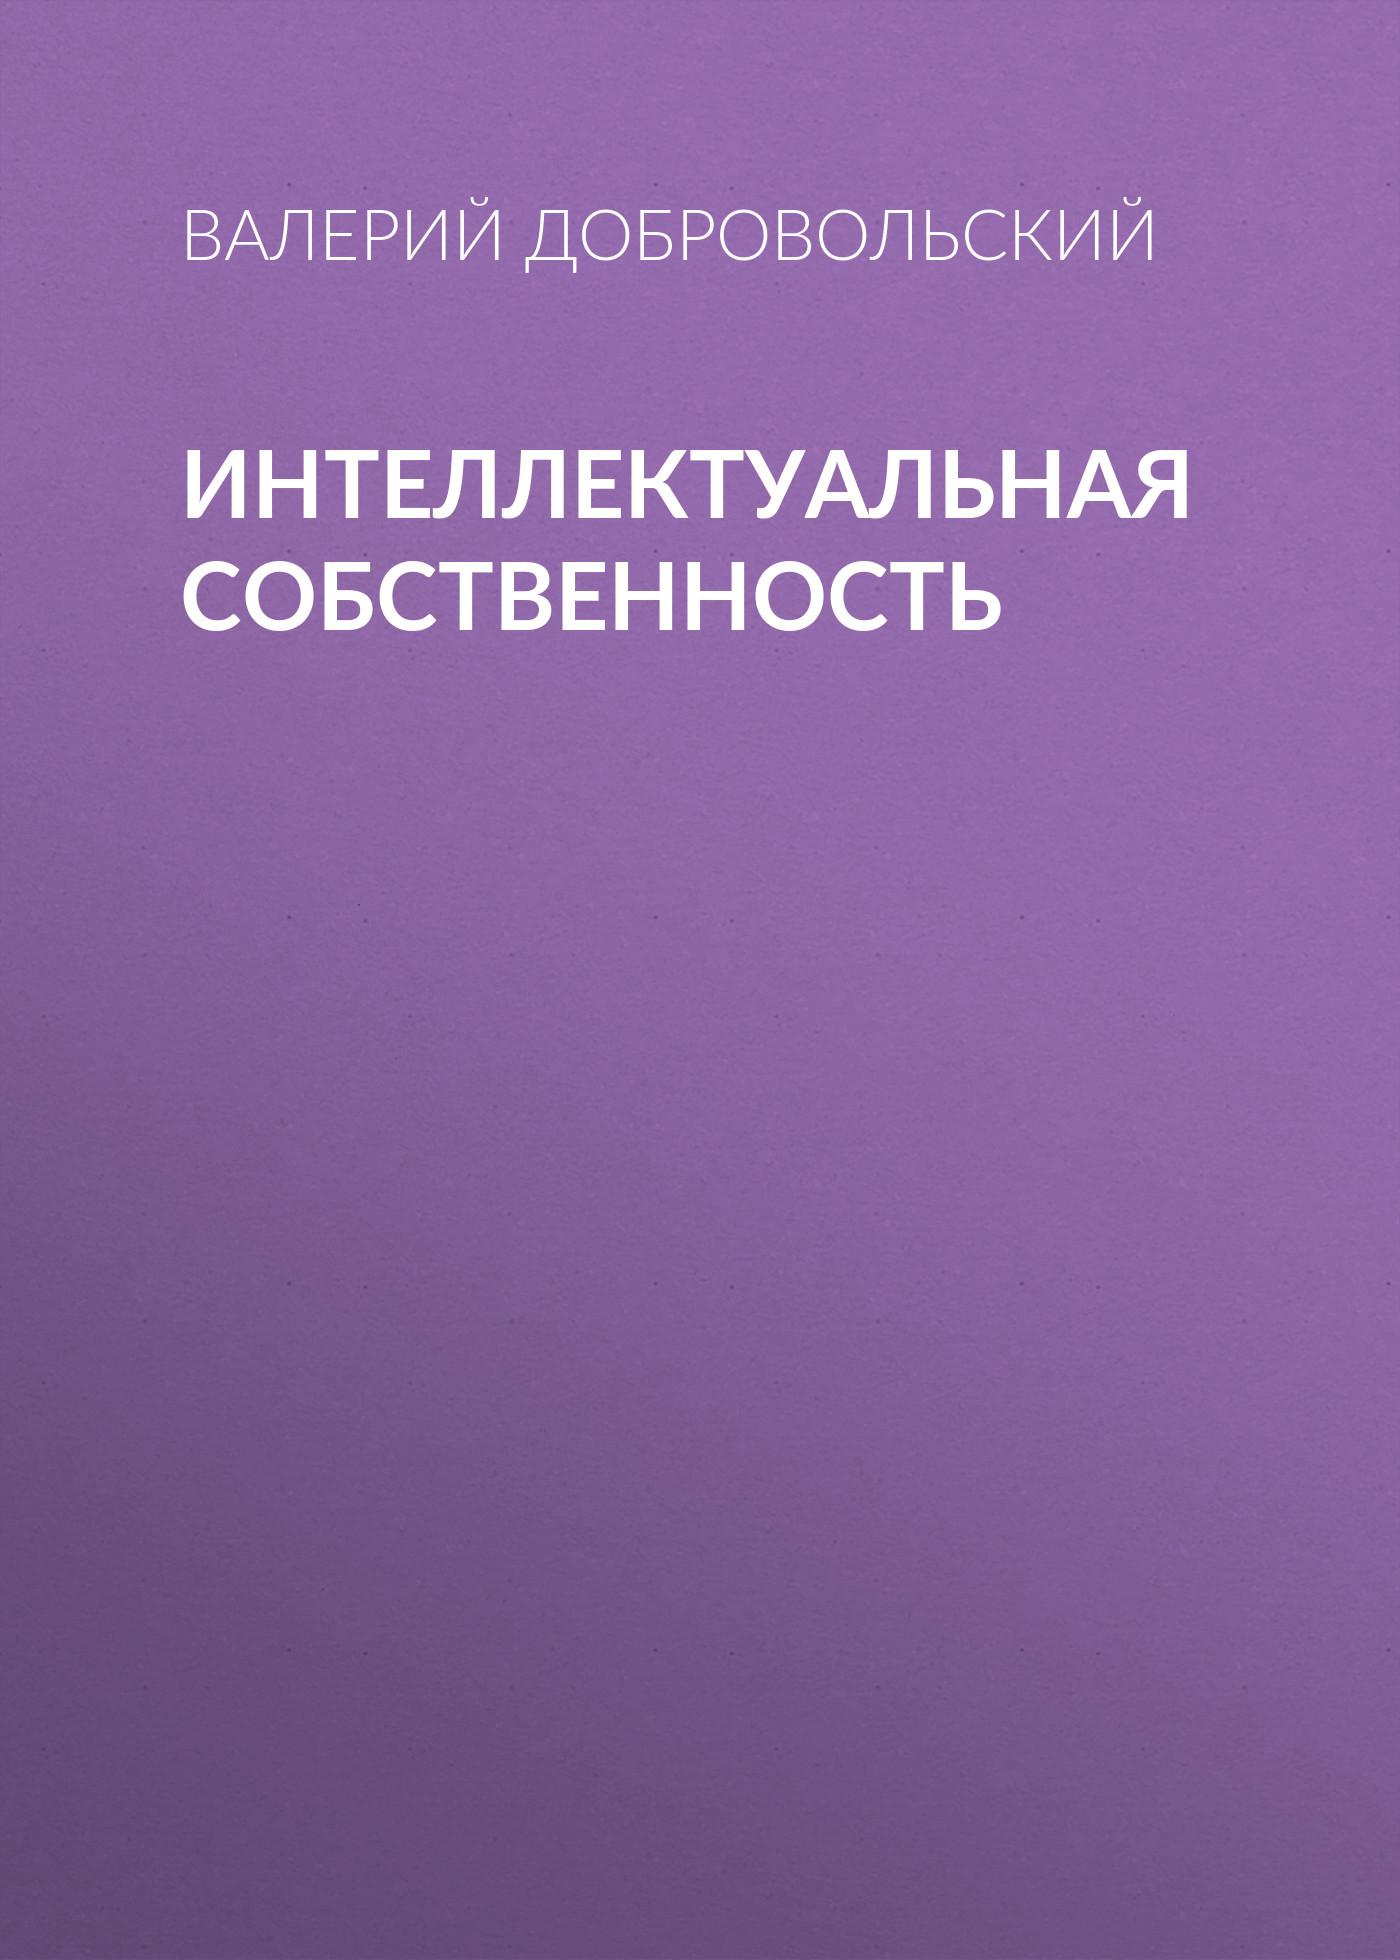 Валерий Добровольский. Интеллектуальная собственность